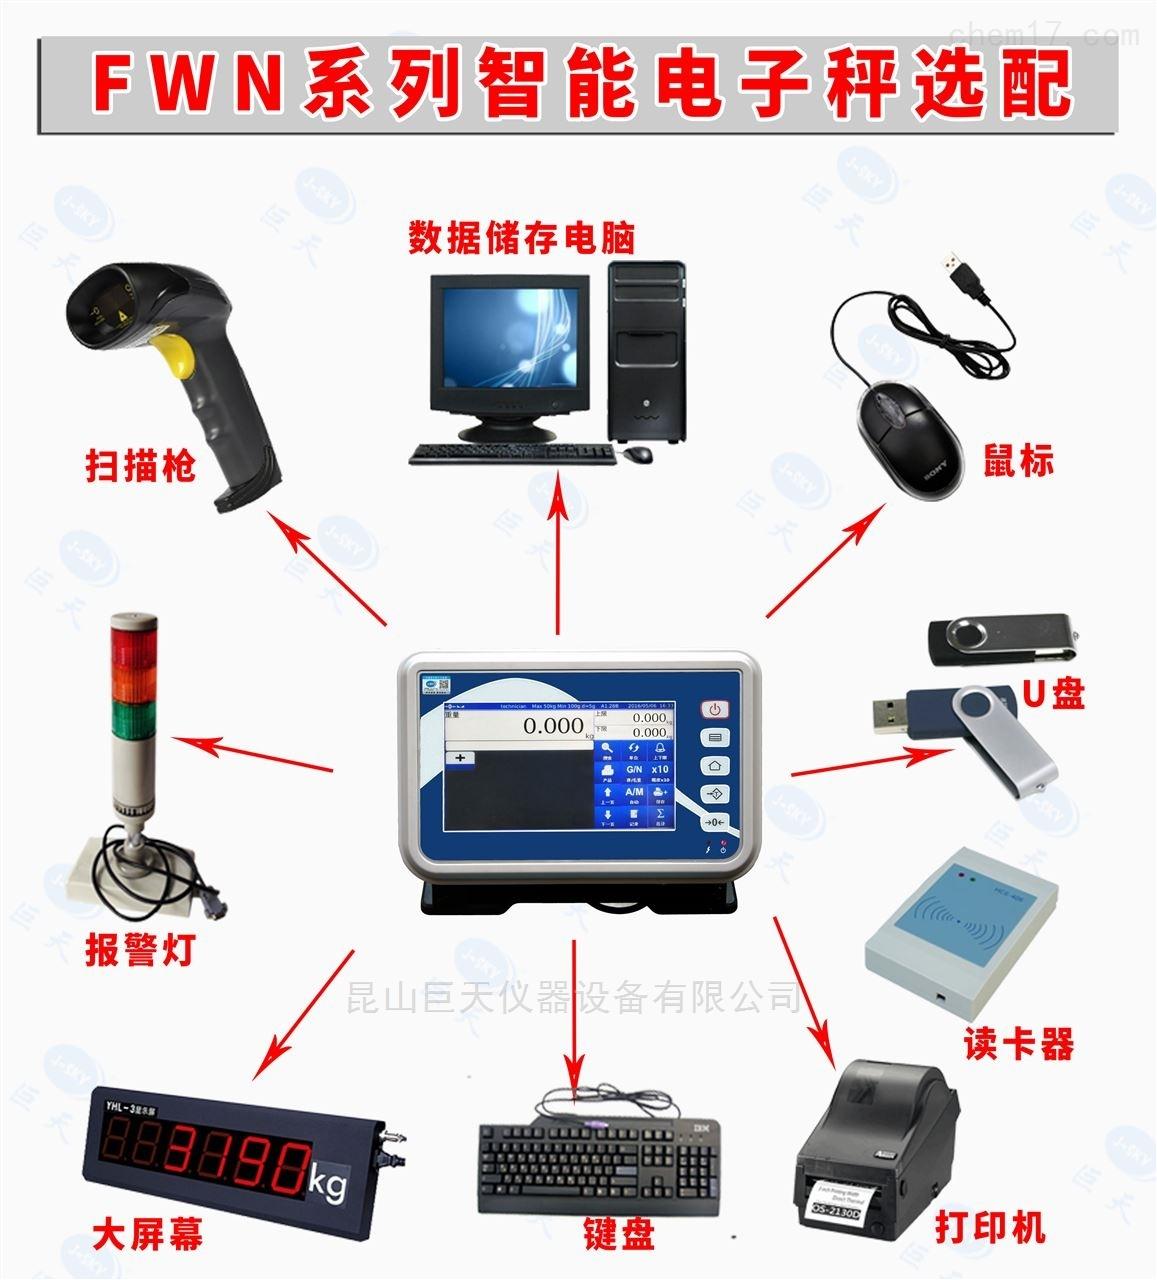 可外接三色报警功能称重显示器多少钱